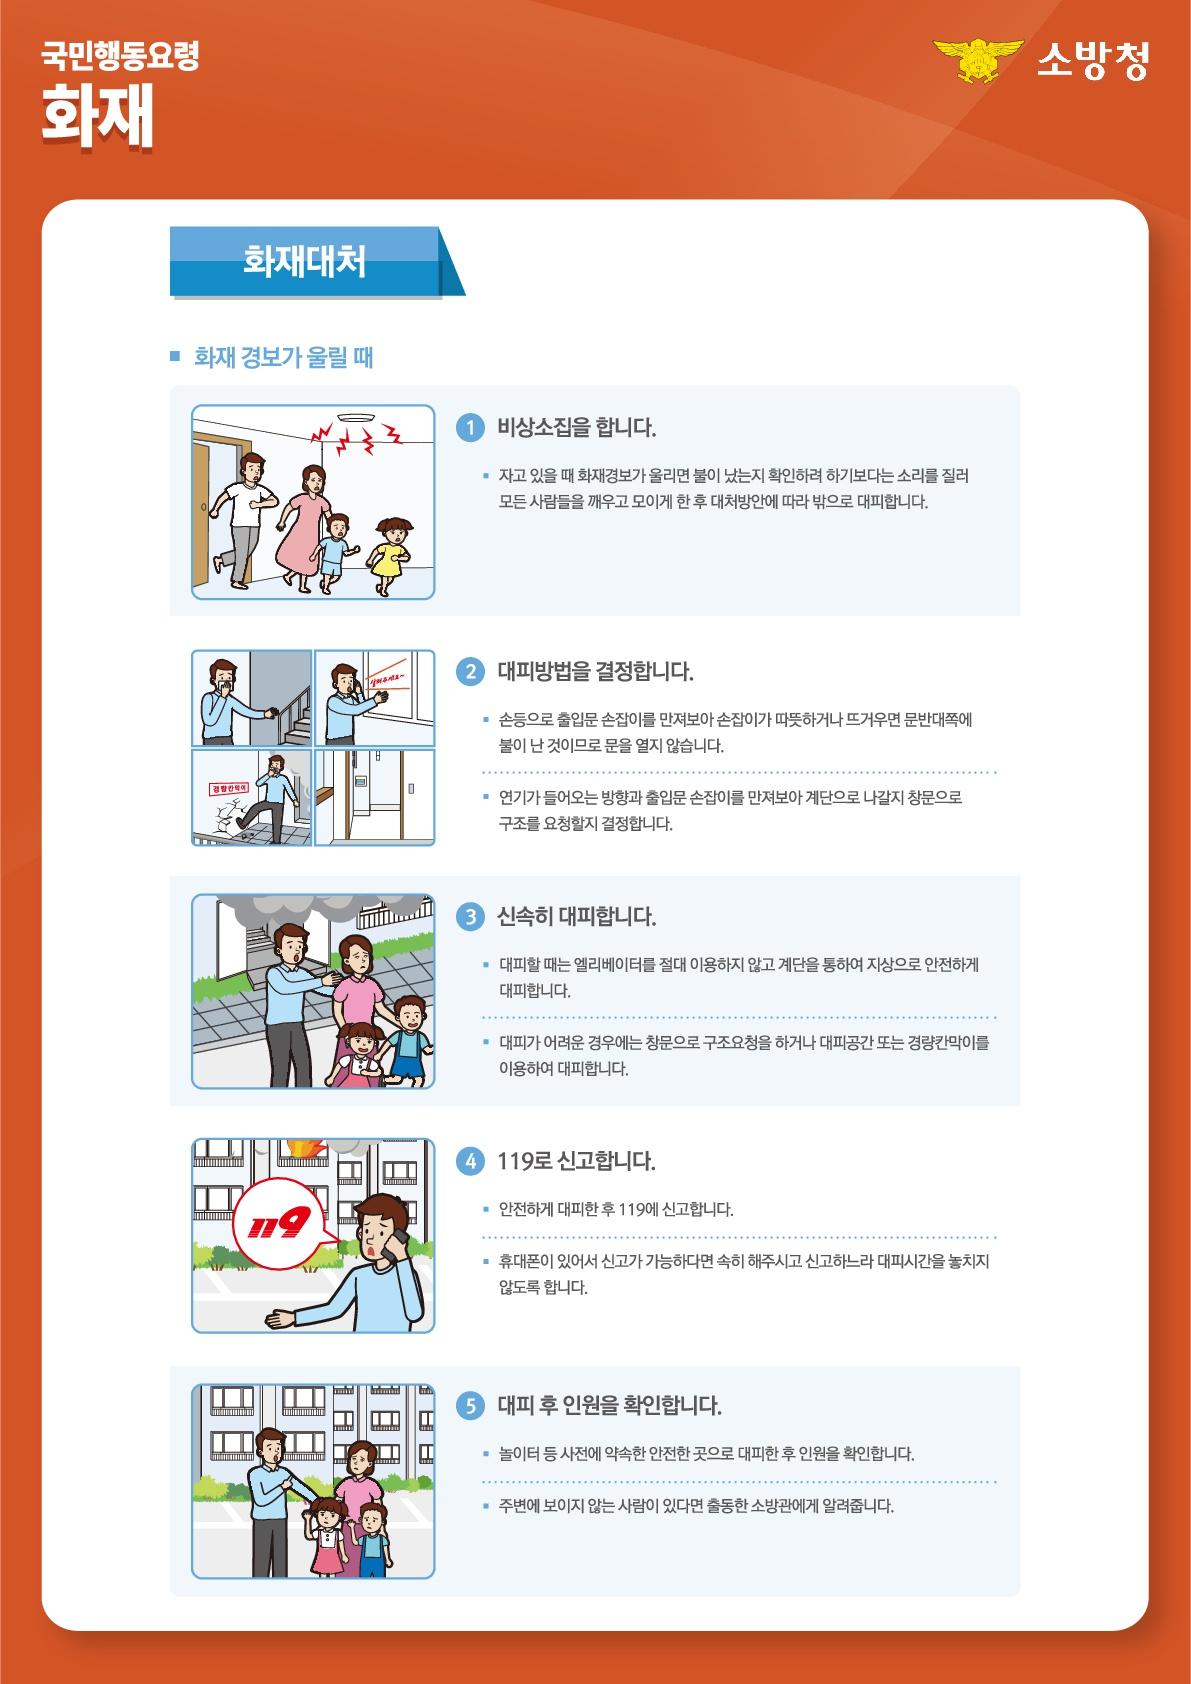 [일반] 화재안전상식의 첨부이미지 1